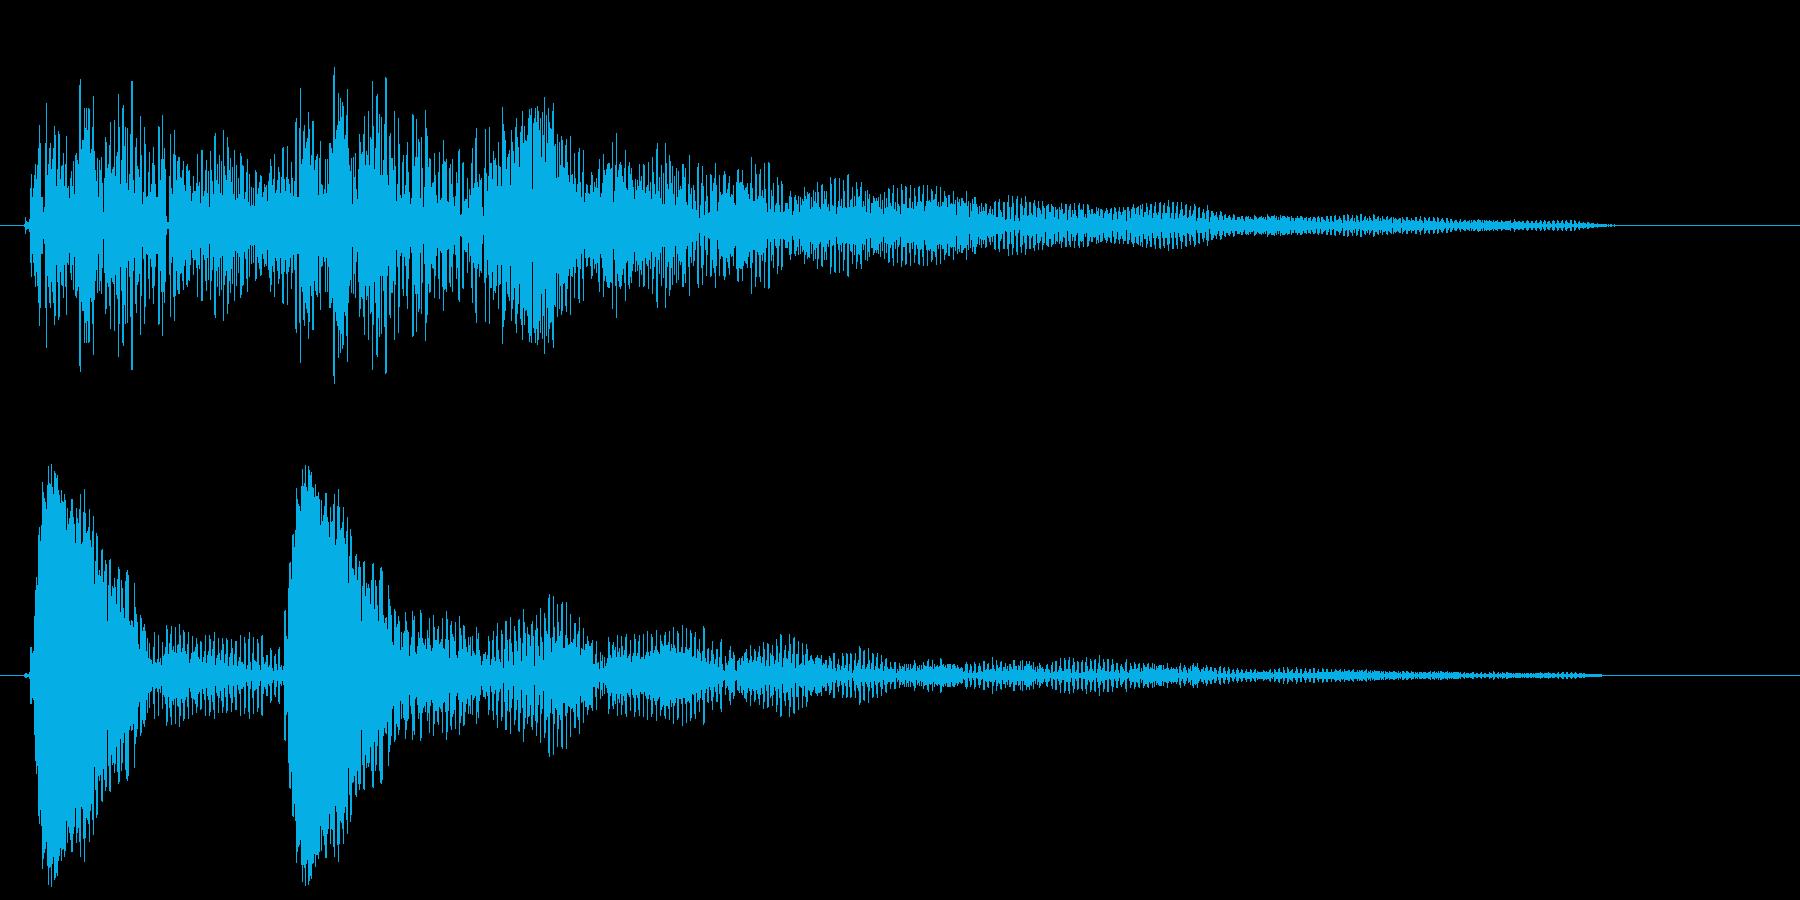 ポッポ〜ン(システム音)の再生済みの波形